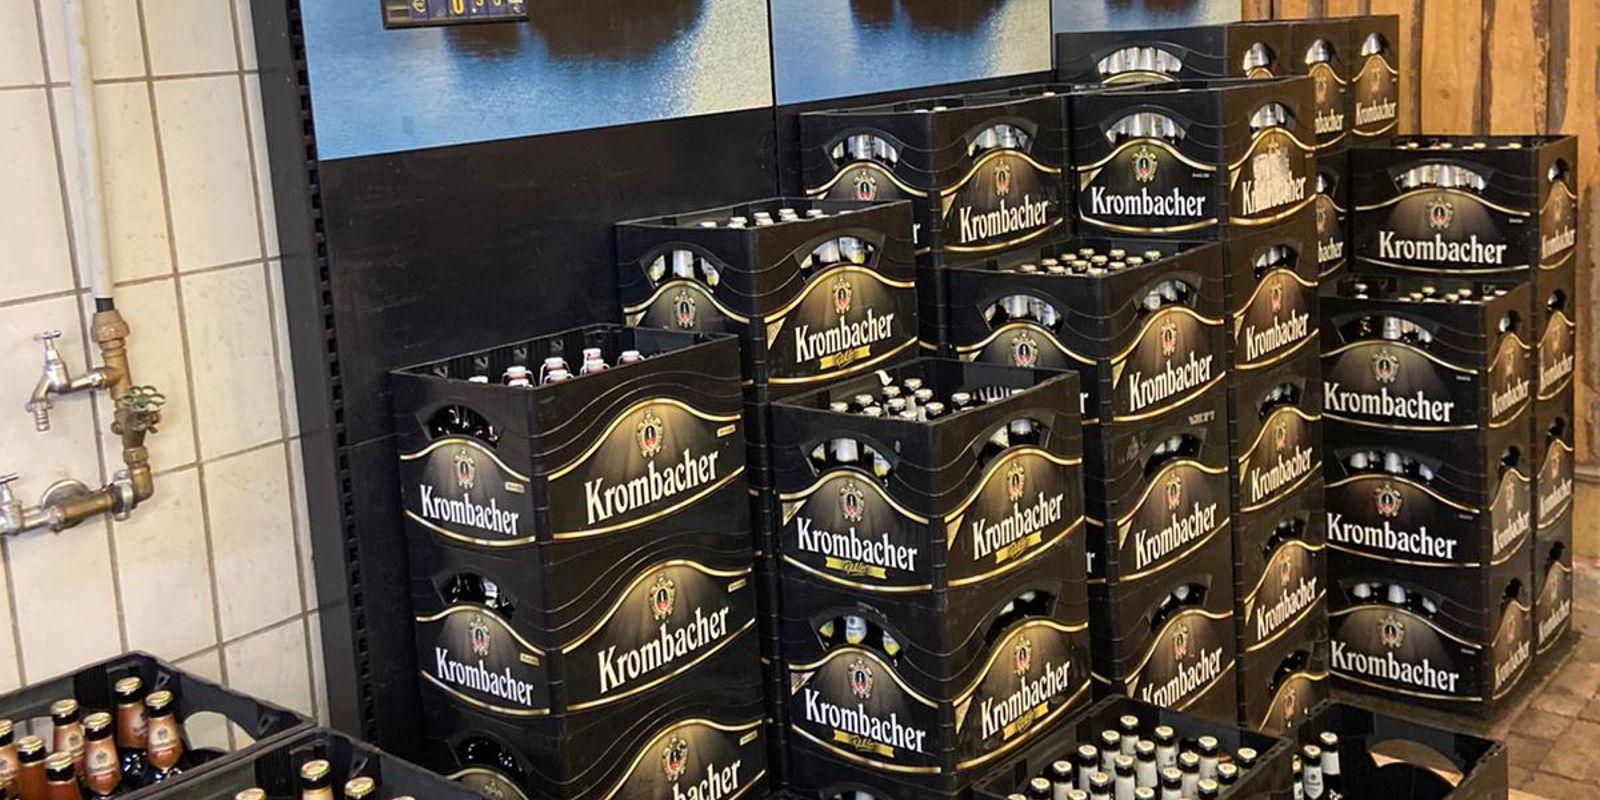 krombacher-getraenke-noelke-bestwig-ramsbeck.jpg